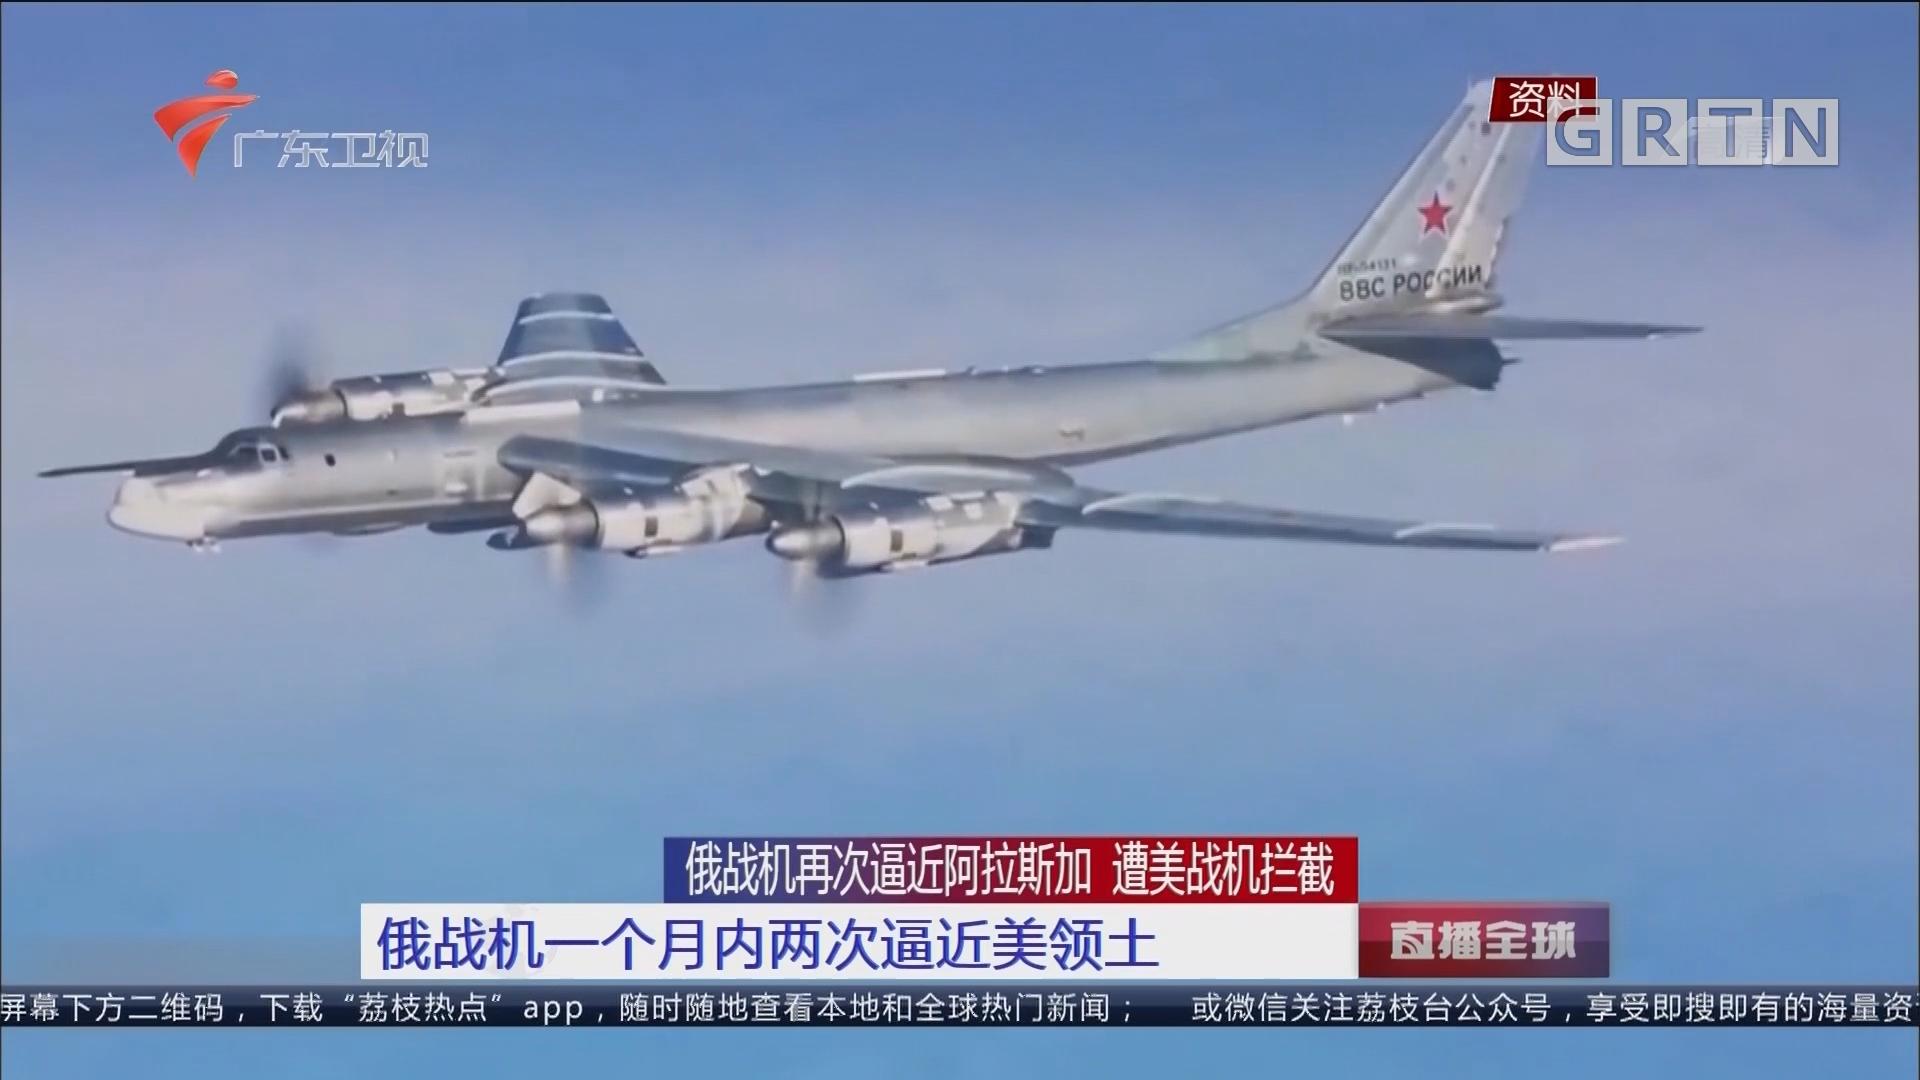 俄战机再次逼近阿拉斯加 遭美战机拦截:俄战机一个月内两次逼近美领土